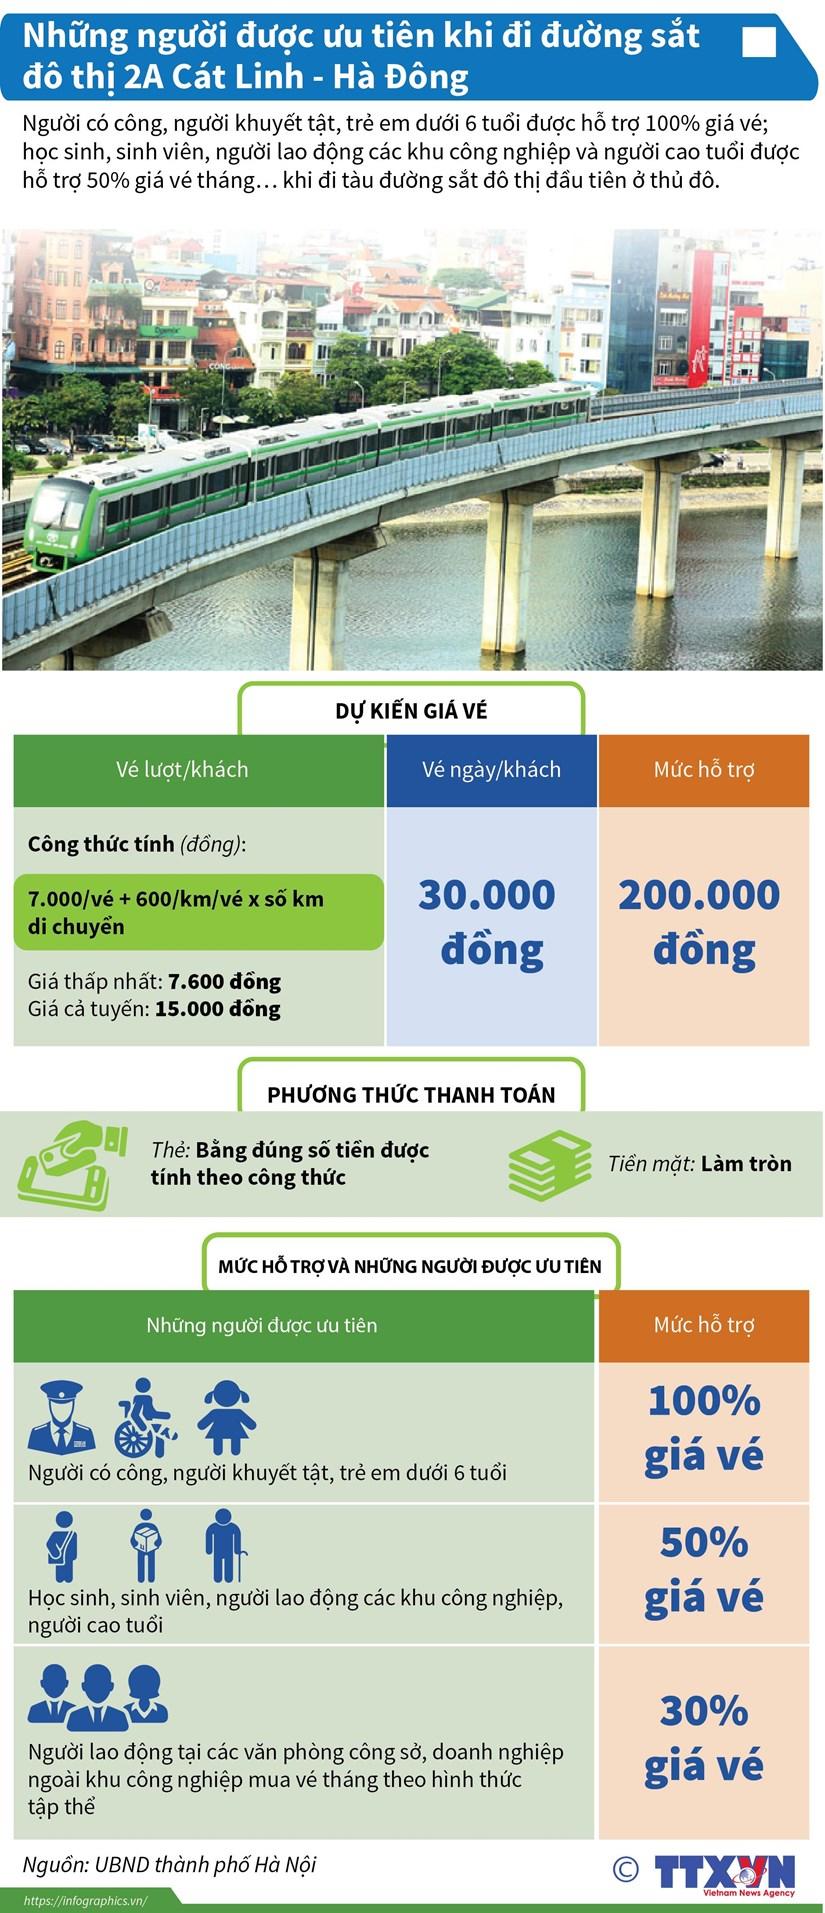 Những trường hợp được ưu tiên miễn vé khi đi đường sắt đô thị Cát Linh-Hà Đông